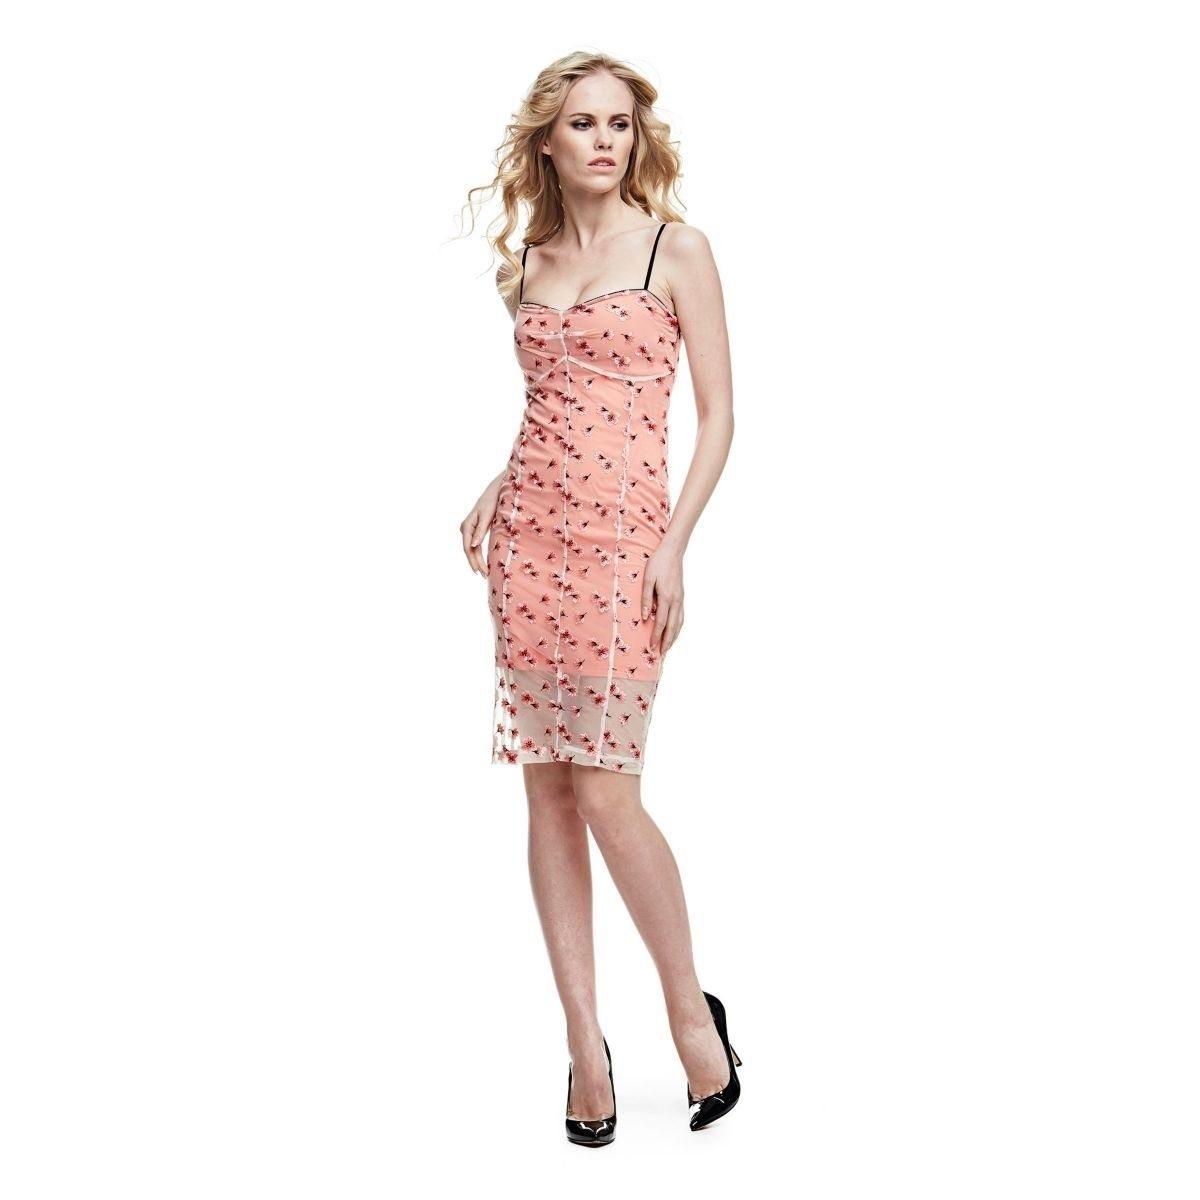 Formal Wunderbar Online Kleider Shop für 2019Abend Schön Online Kleider Shop Boutique